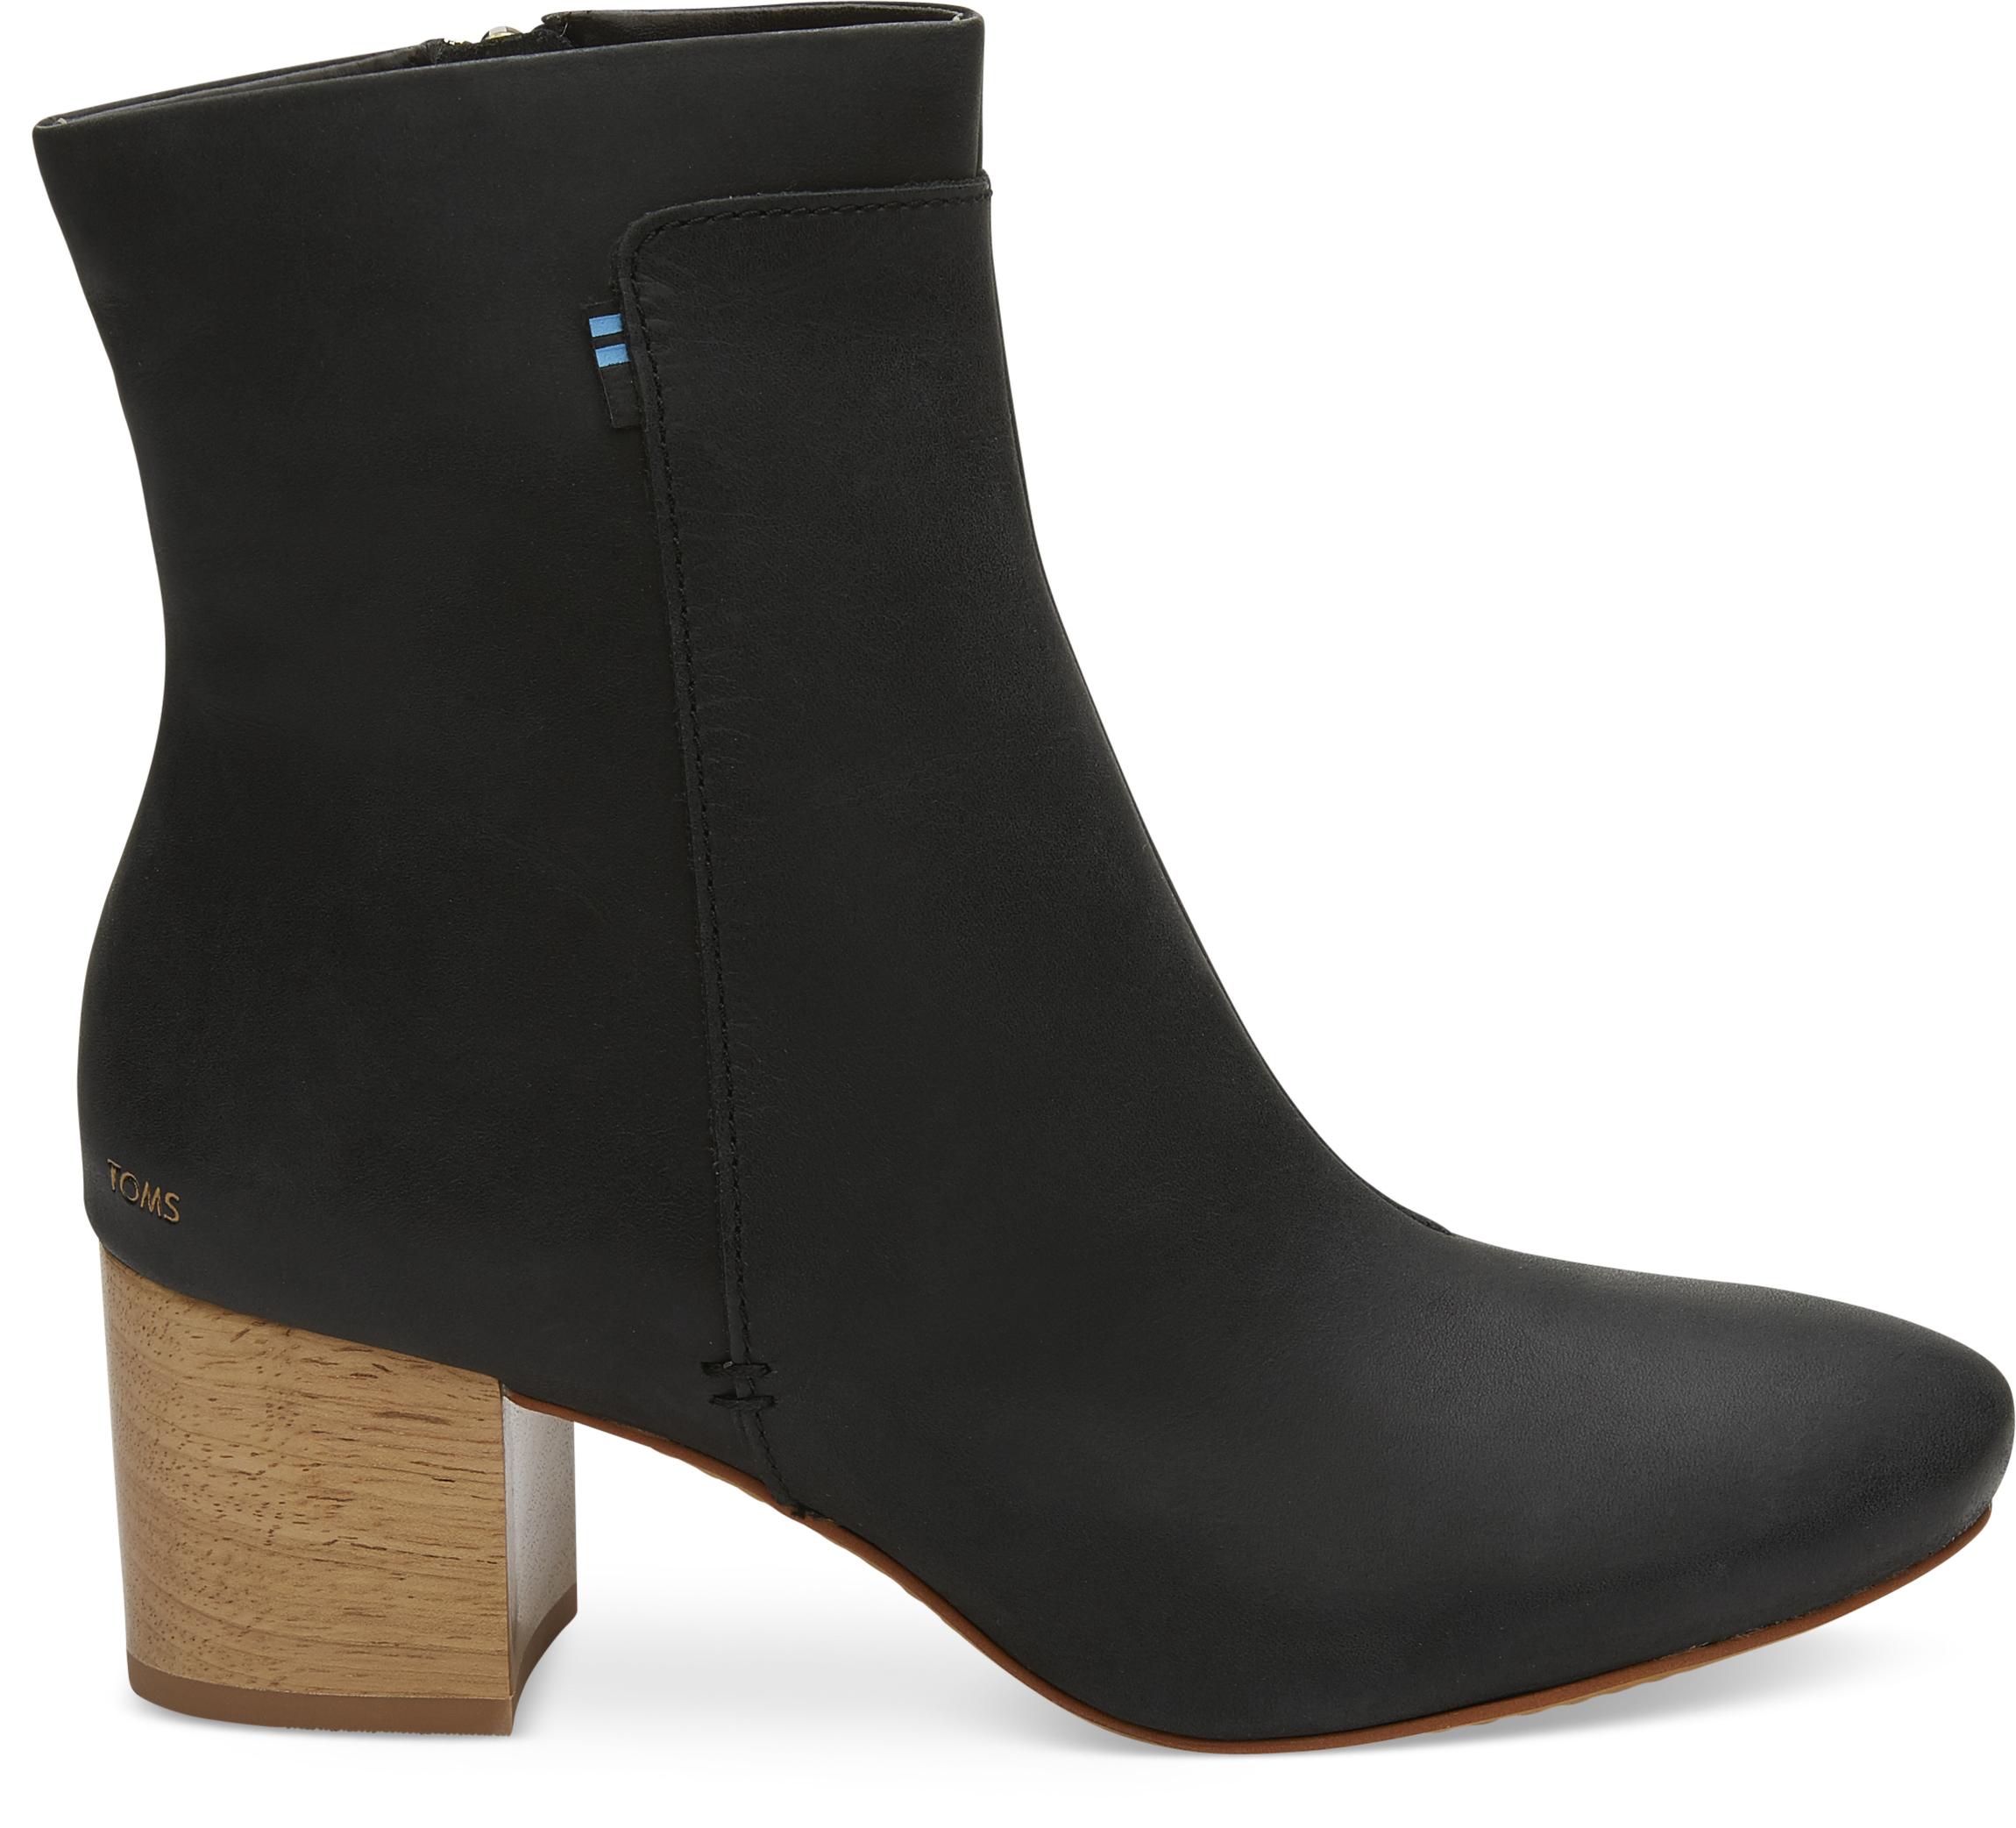 296cd99f2036 Dámske čierne členkové topánky TOMS Evie - Glami.sk